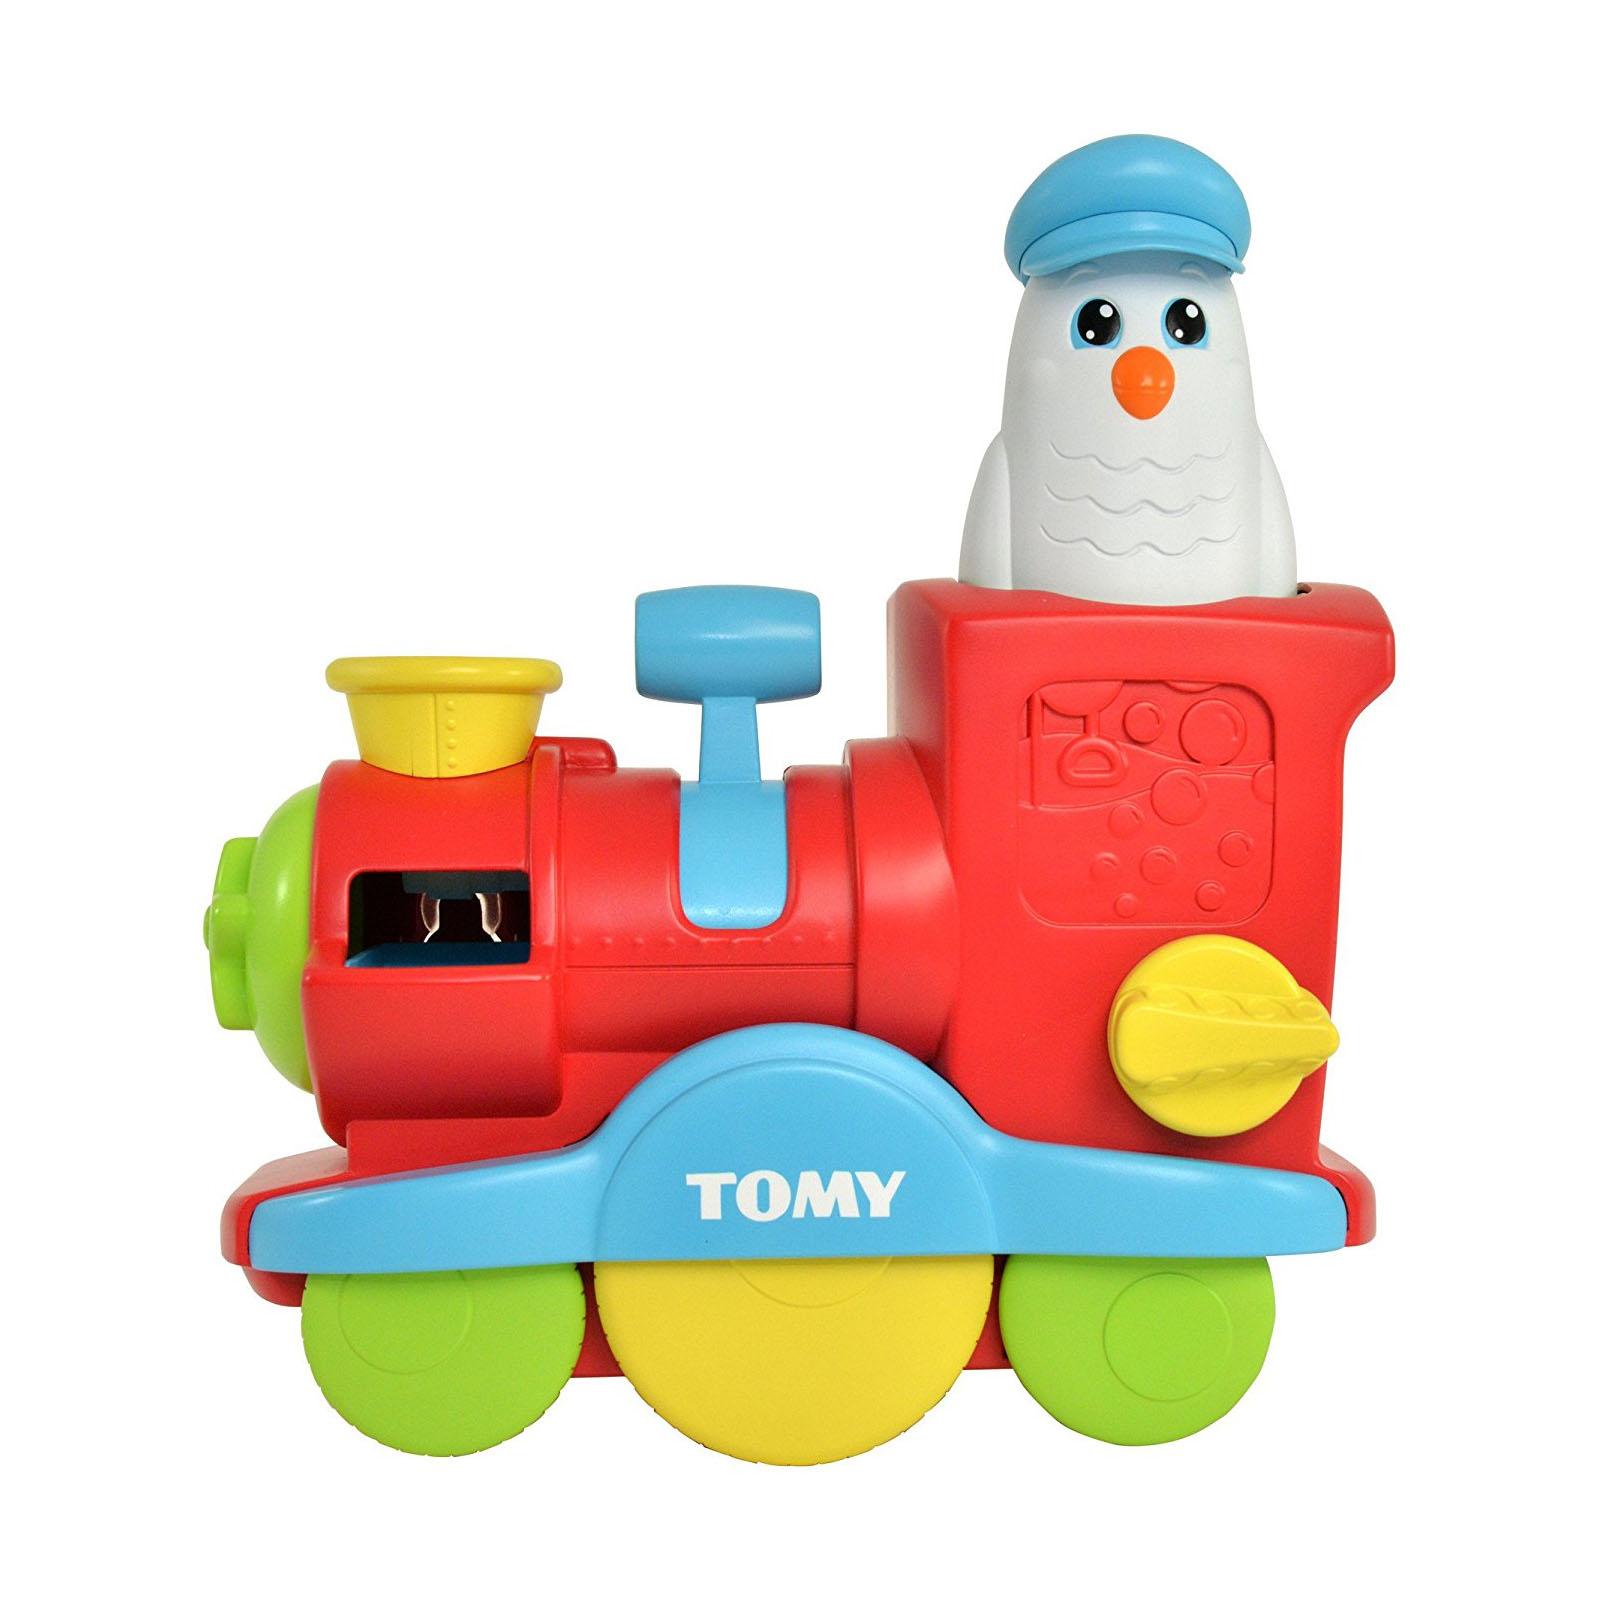 Игрушка для ванны - Веселый паровозик с мыльными пузырямиРазвивающие игрушки<br>Игрушка для ванны - Веселый паровозик с мыльными пузырями<br>